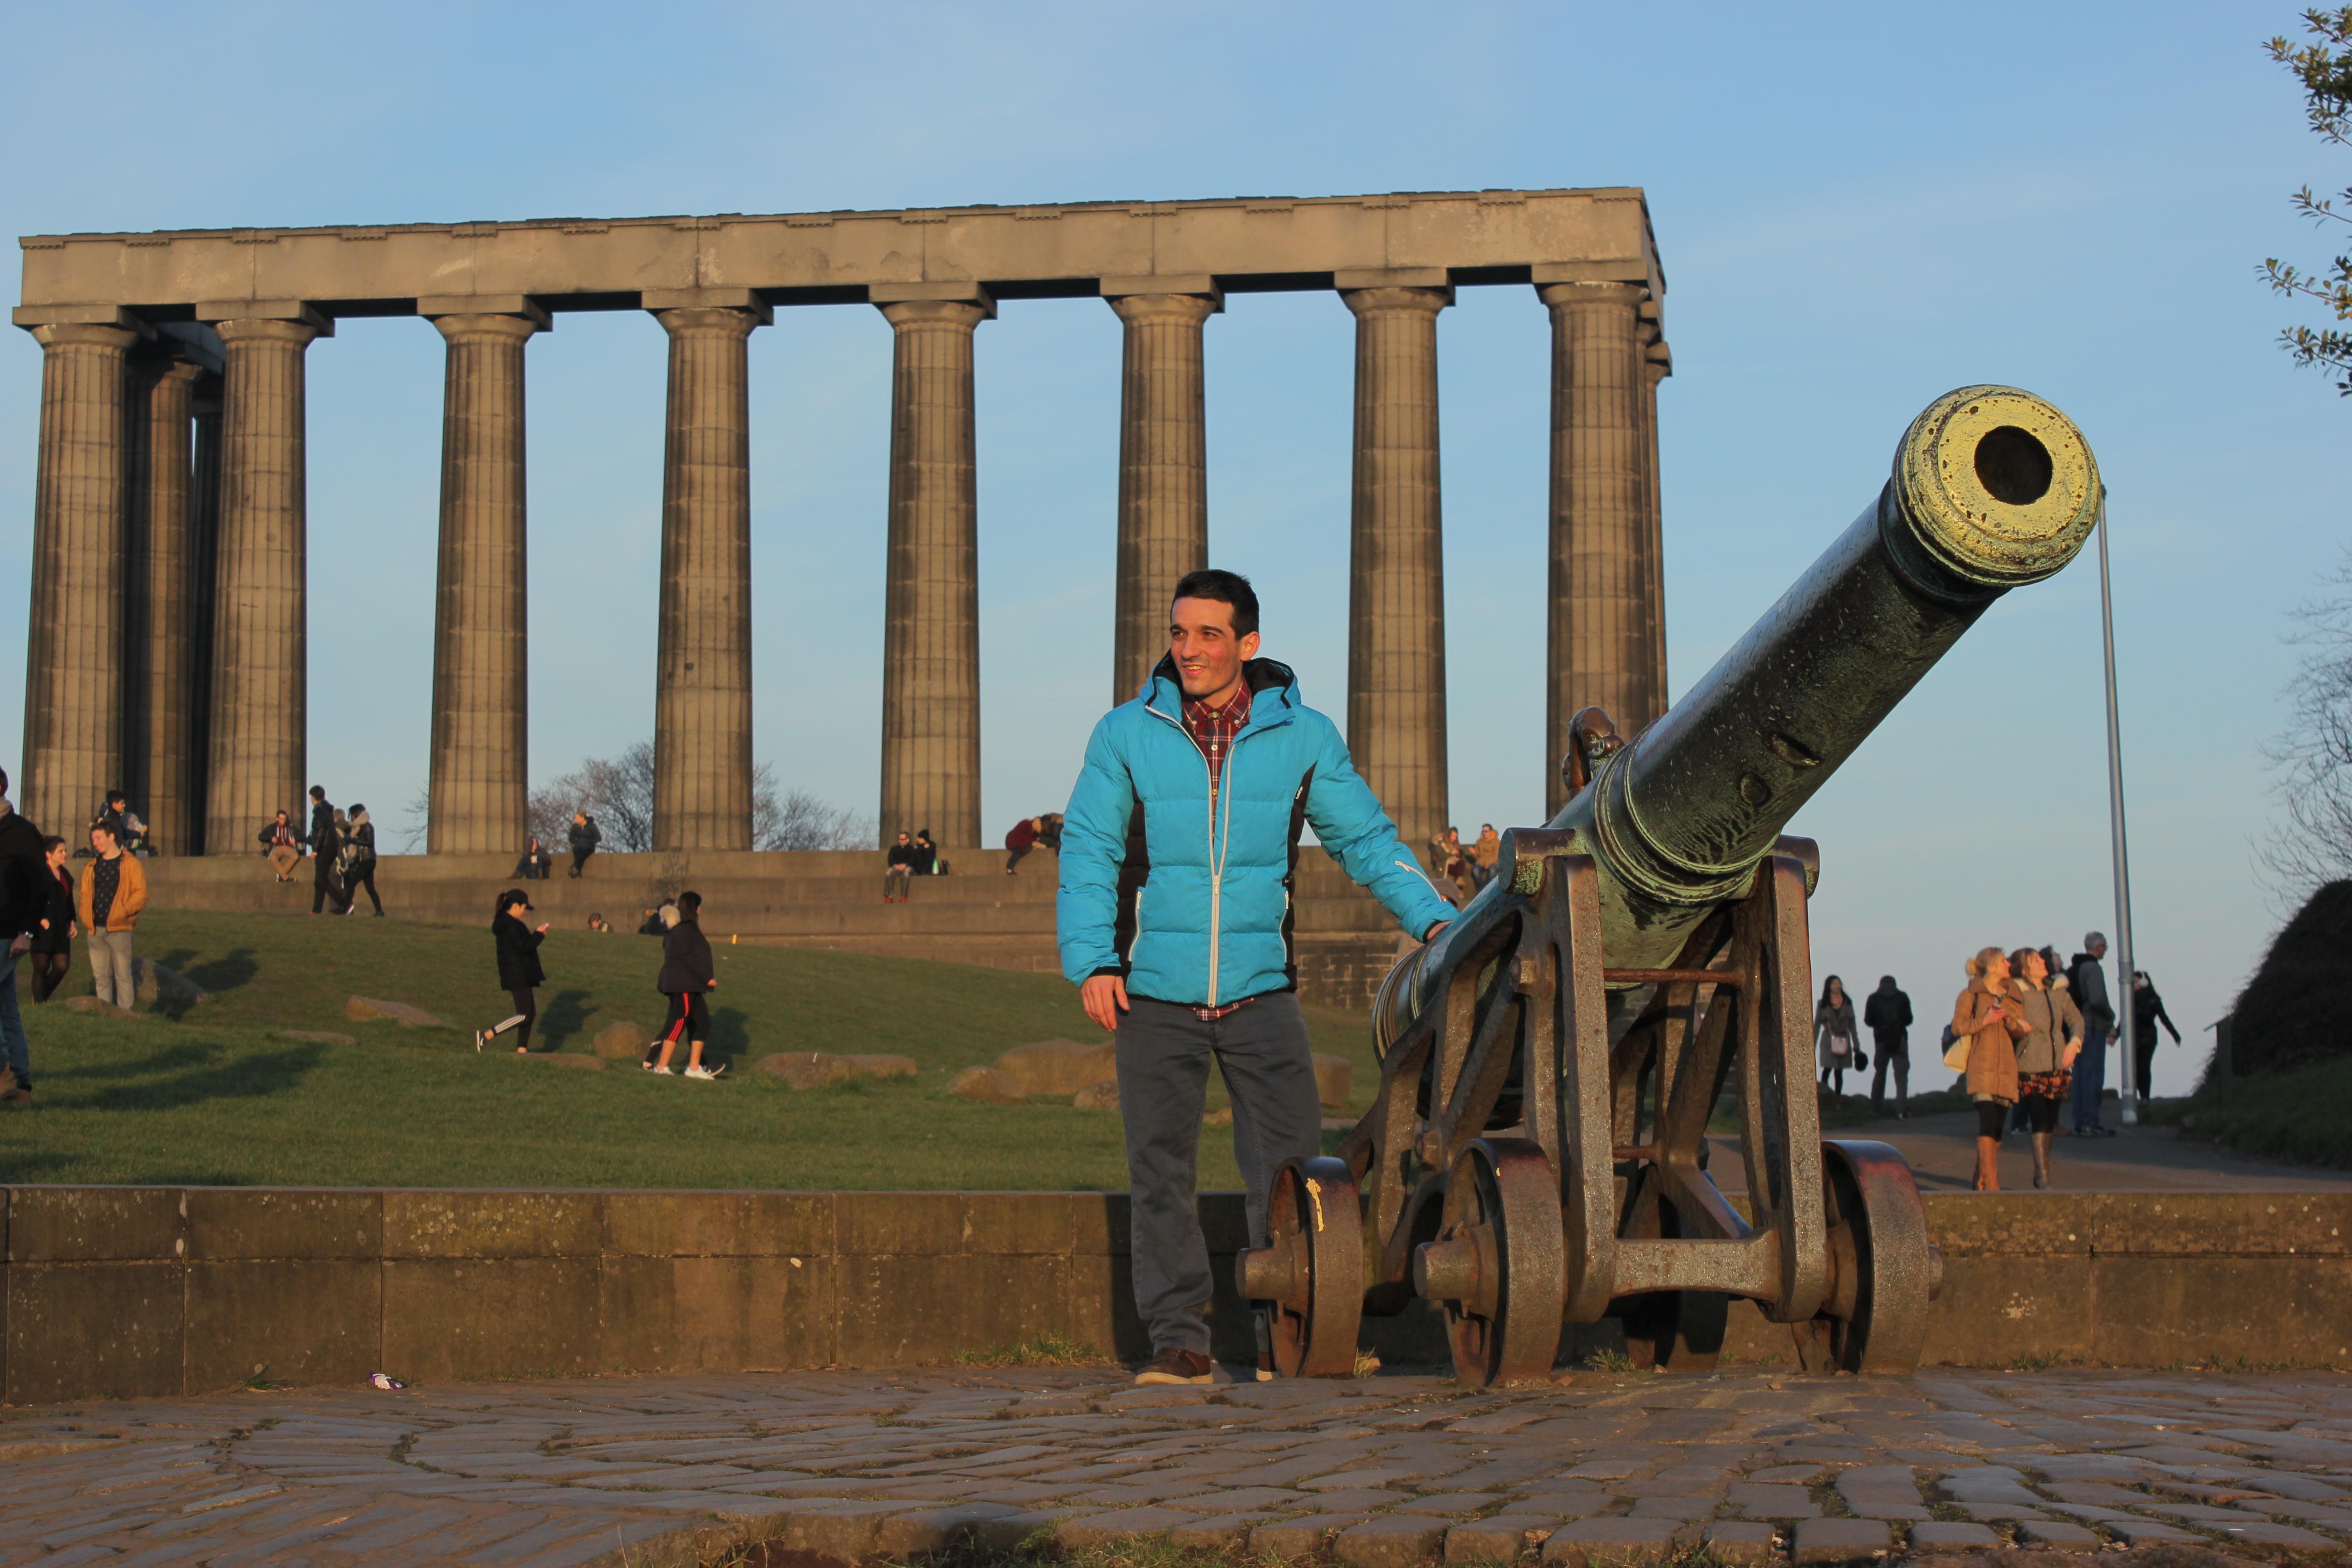 Calton Hill Edimburgo Dónde comer en Edimburgo